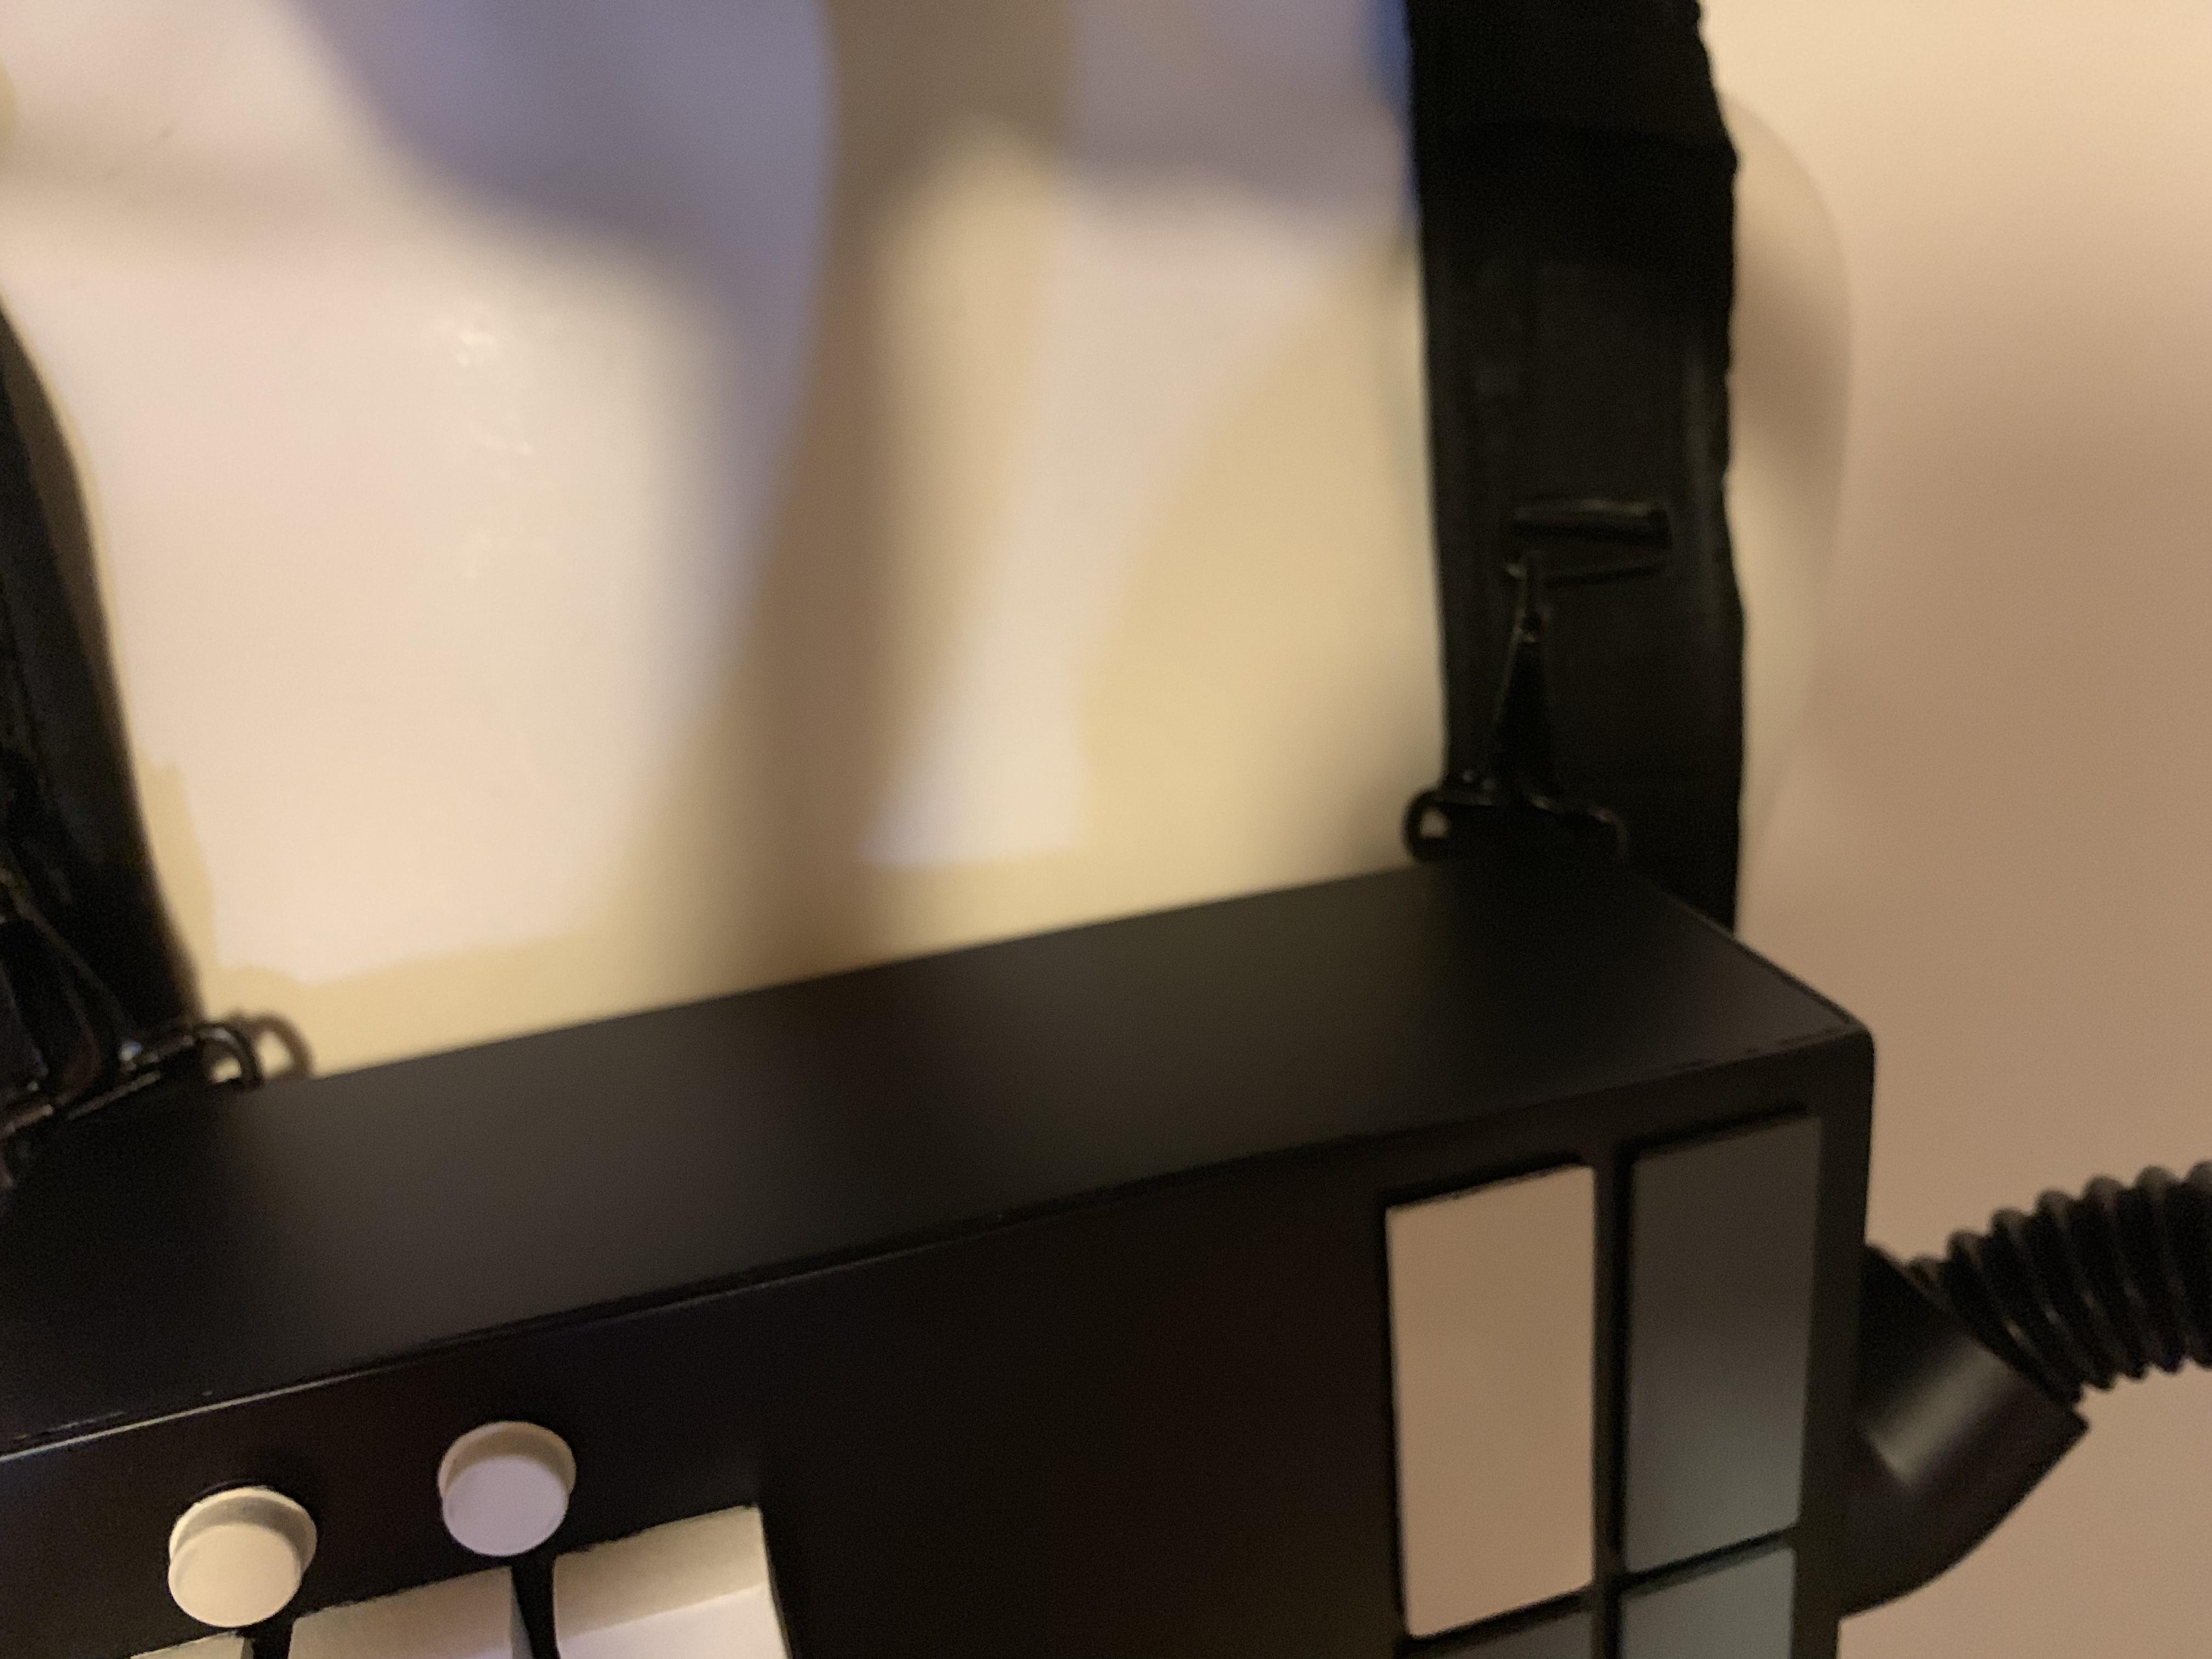 s438647550.online.de/PICS/harness_4.JPG